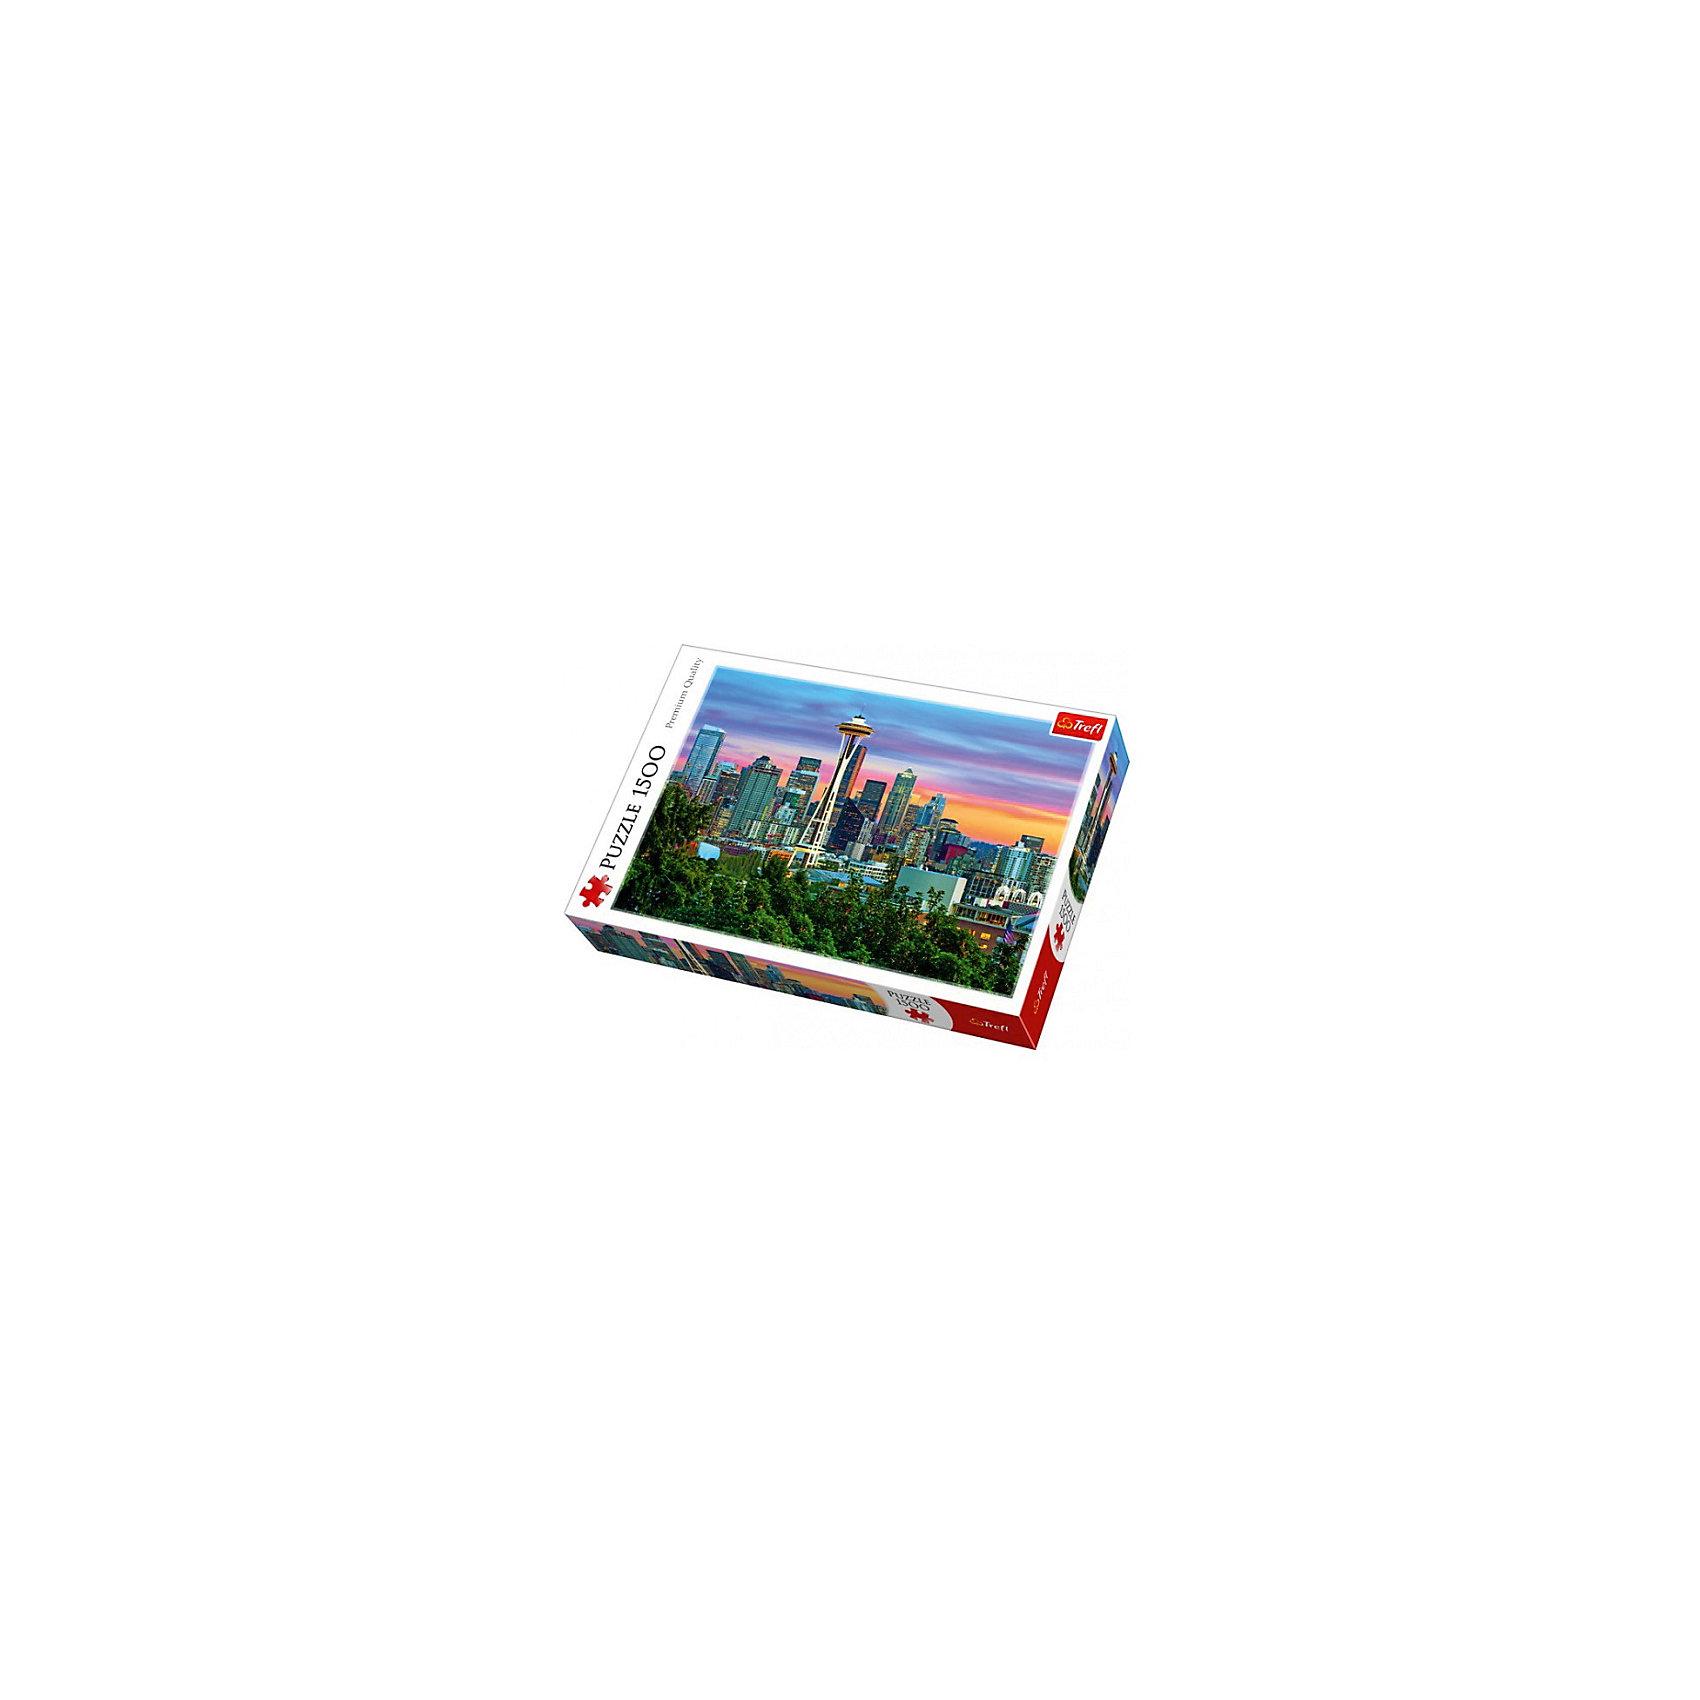 Пазлы «Спейс Нидл, Сиэтл, США», 1500 деталейПазлы для детей постарше<br>Новинка 2016 года от Trefl – пазл «Космическая игла, Сиэтл, США». Из 1500 деталей вам предстоит собрать один из самых узнаваемых небоскребов в мире – футуристичный Спейс-Нидл. <br>Вечерний вид на мегаполис и «Космическую иглу» в собранном виде будет смотреться эффектно благодаря максимально ярким краскам Trefl. А антибликовое покрытие позволит собирать пазл и любоваться им при любом освещении. Кстати, выполнены детали головоломки из специального каландрированного картона. Это означает, что они имеют утолщенную форму и приятный лоск, а также являются гладкими на ощупь.<br>Количество деталей: 1500. <br>Размеры картинки в собранном виде: 85х58 см. <br>Размеры коробки: 40,1х27х6 см. <br>Вес коробки: 1,05 кг. <br>Пазл предназначен для детей старше 12 лет.<br><br>Ширина мм: 410<br>Глубина мм: 378<br>Высота мм: 270<br>Вес г: 980<br>Возраст от месяцев: 144<br>Возраст до месяцев: 2147483647<br>Пол: Унисекс<br>Возраст: Детский<br>SKU: 7126348